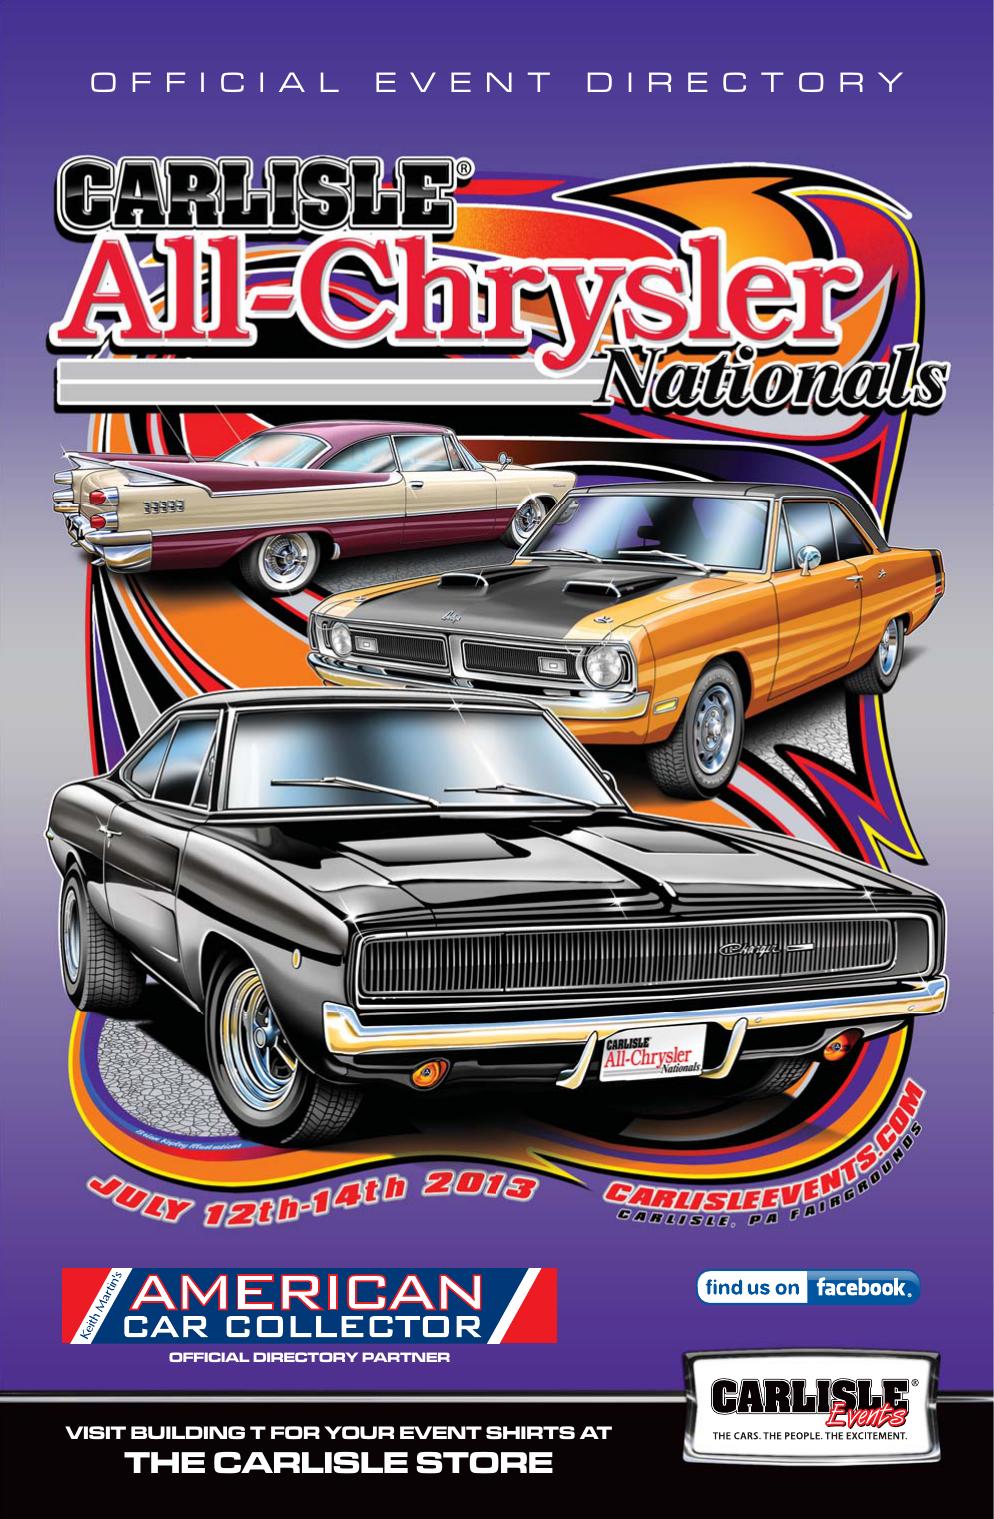 Carlisle Chrysler Nationals 2013 Event Directory | manualzz com